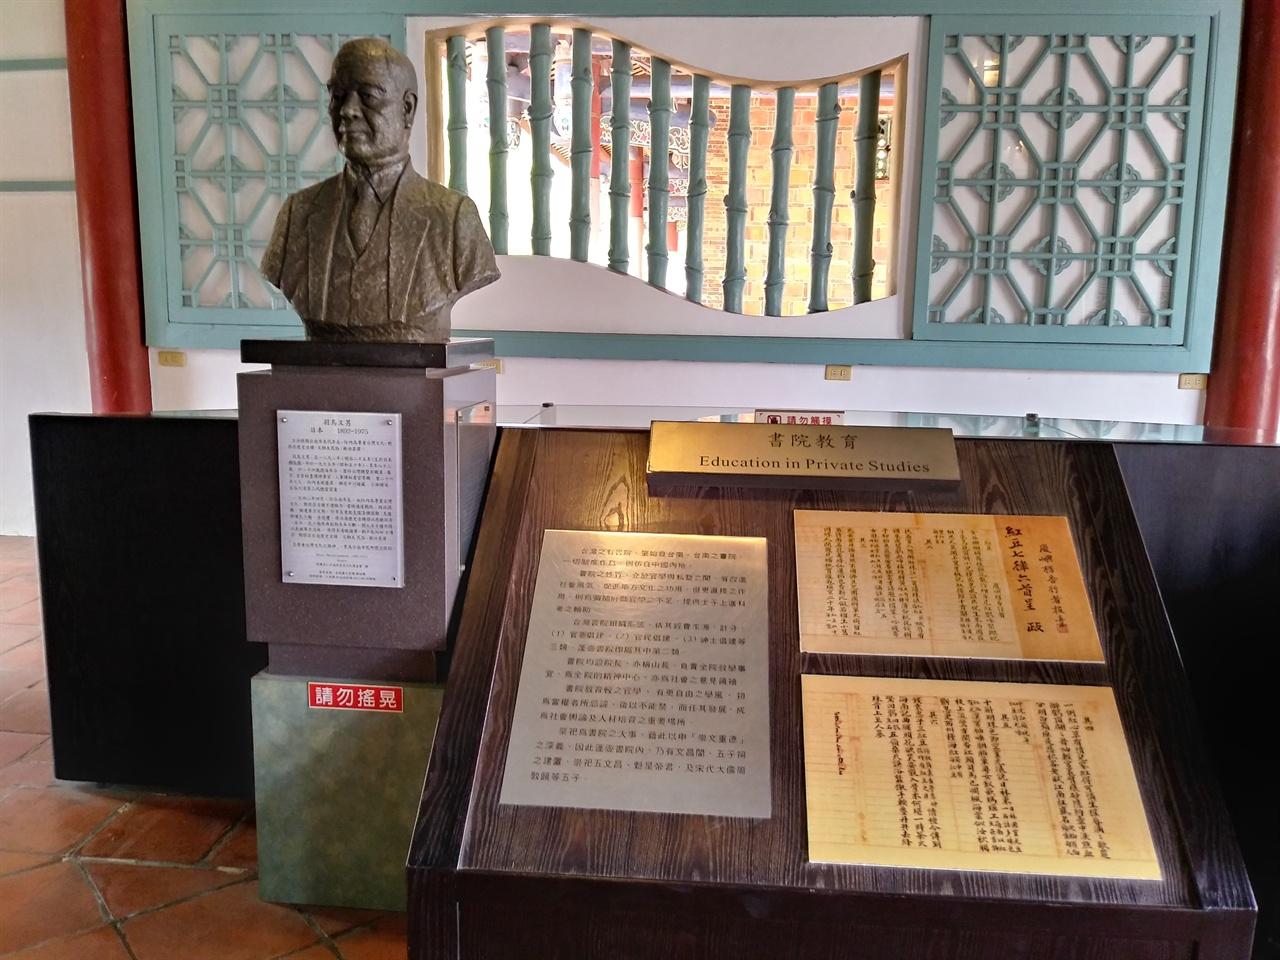 츠칸러우 내 일본인 동상 타이완 총독부 고위 관료를 지낸 우조우남의 흉상과 공적을 새겨놓아 그를 기리고 있다.